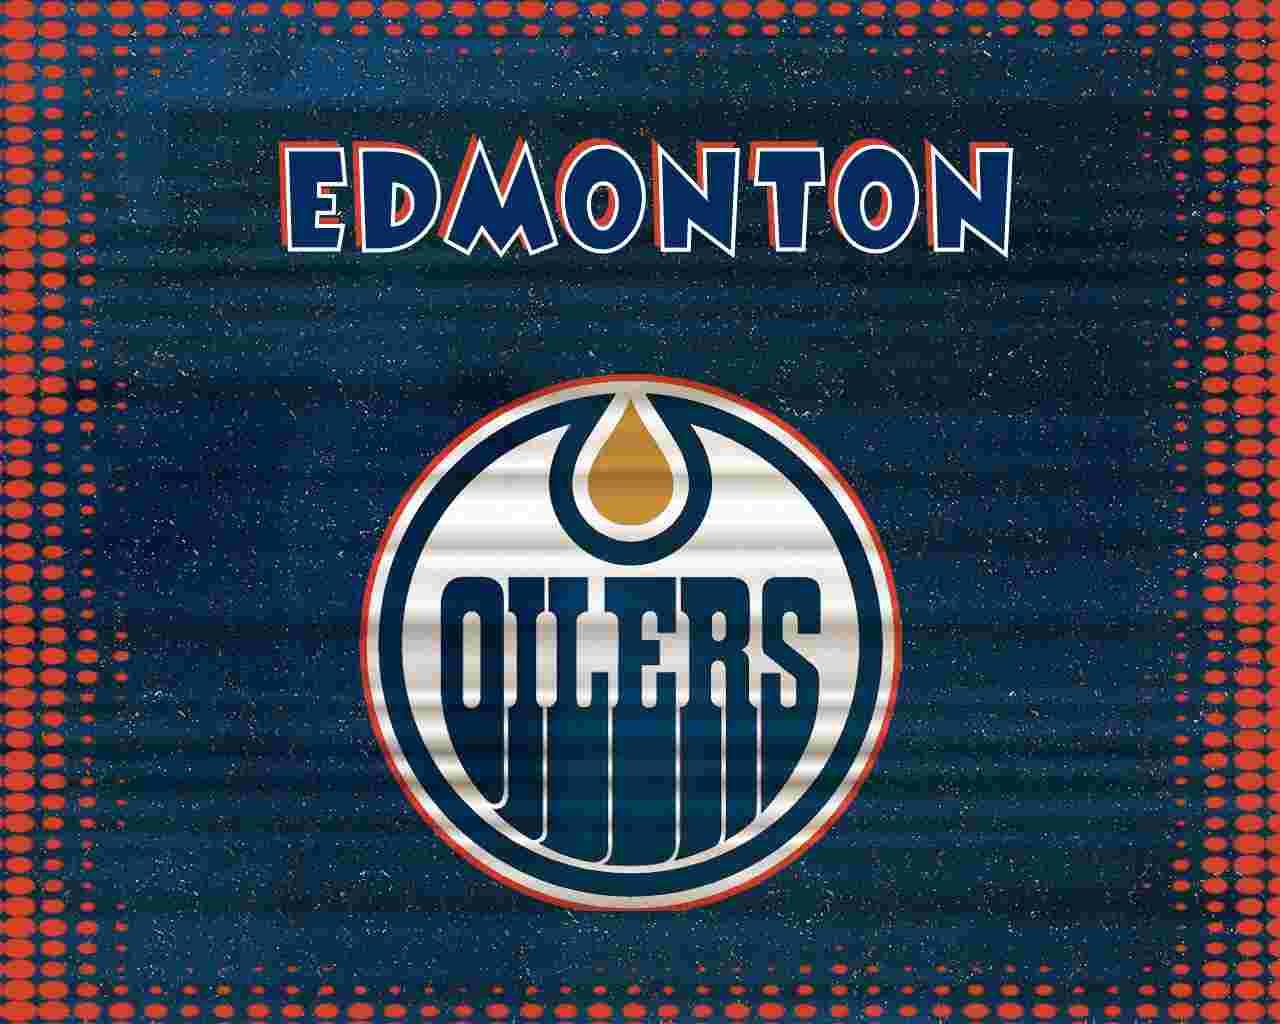 Good Wallpaper Logo Edmonton Oilers - 7ErgN1  Pic_452125.jpg